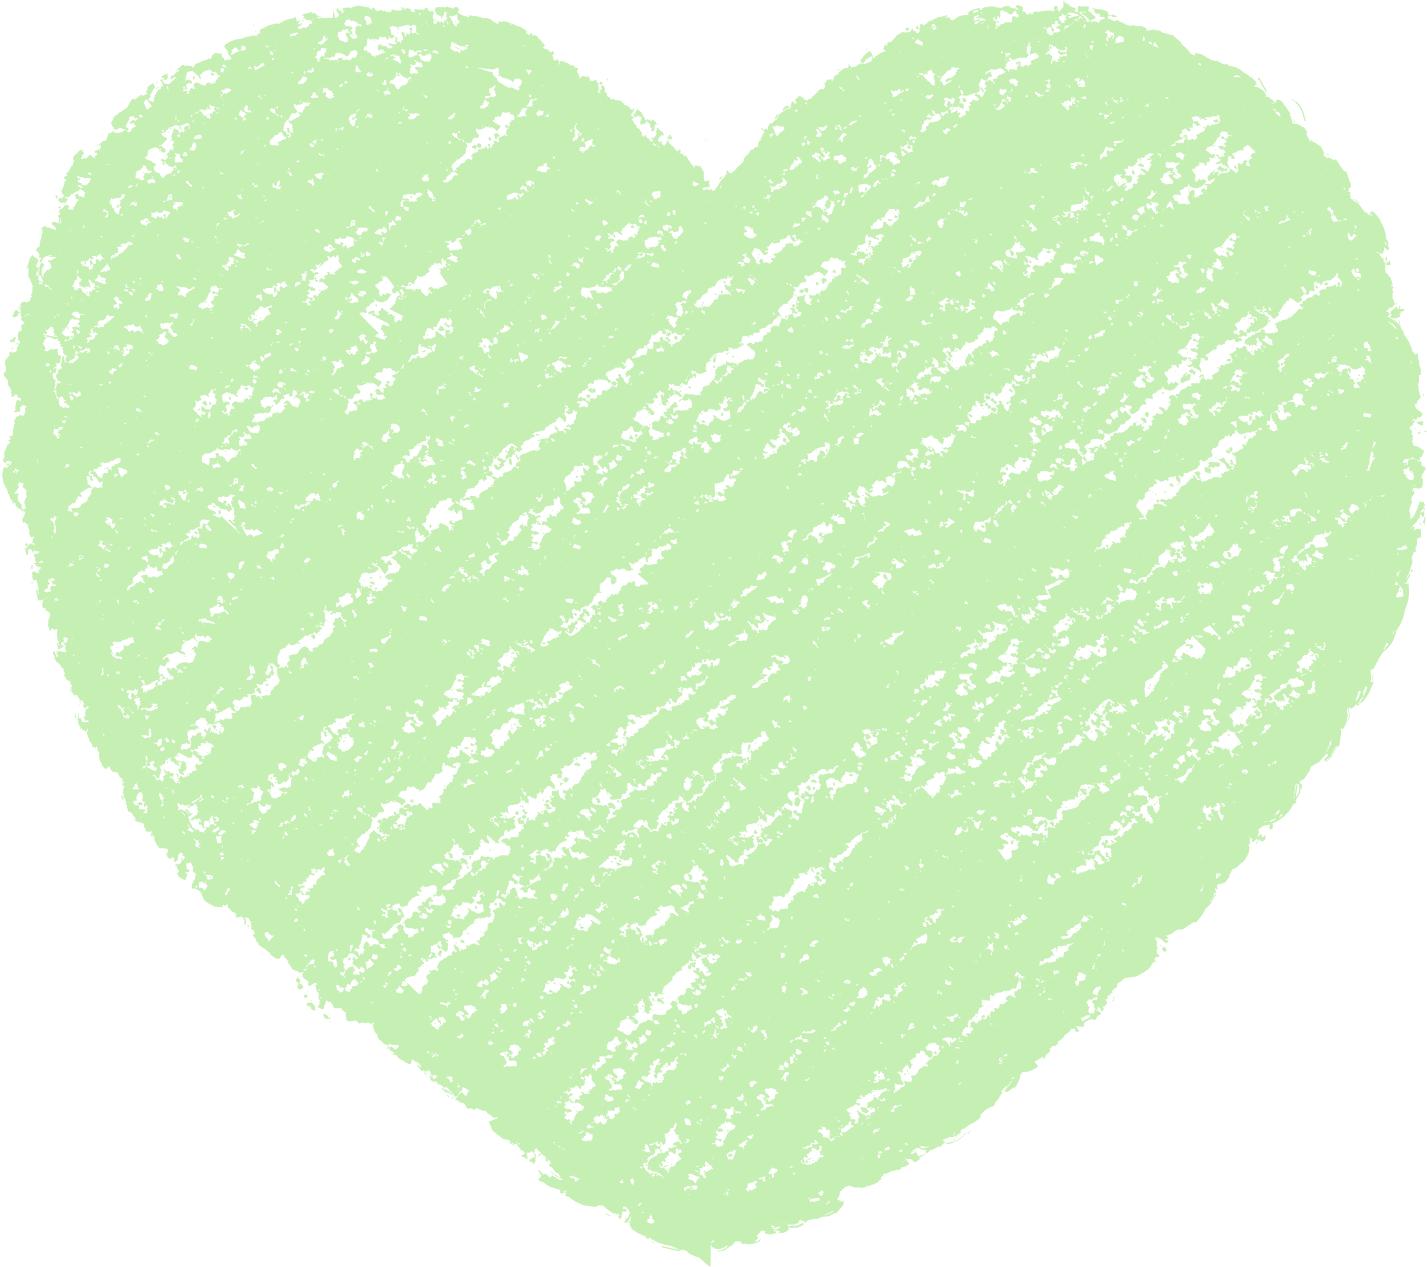 クレヨン塗り背景 パステル 緑色 新(グリーン)ハートのイラスト heart_green